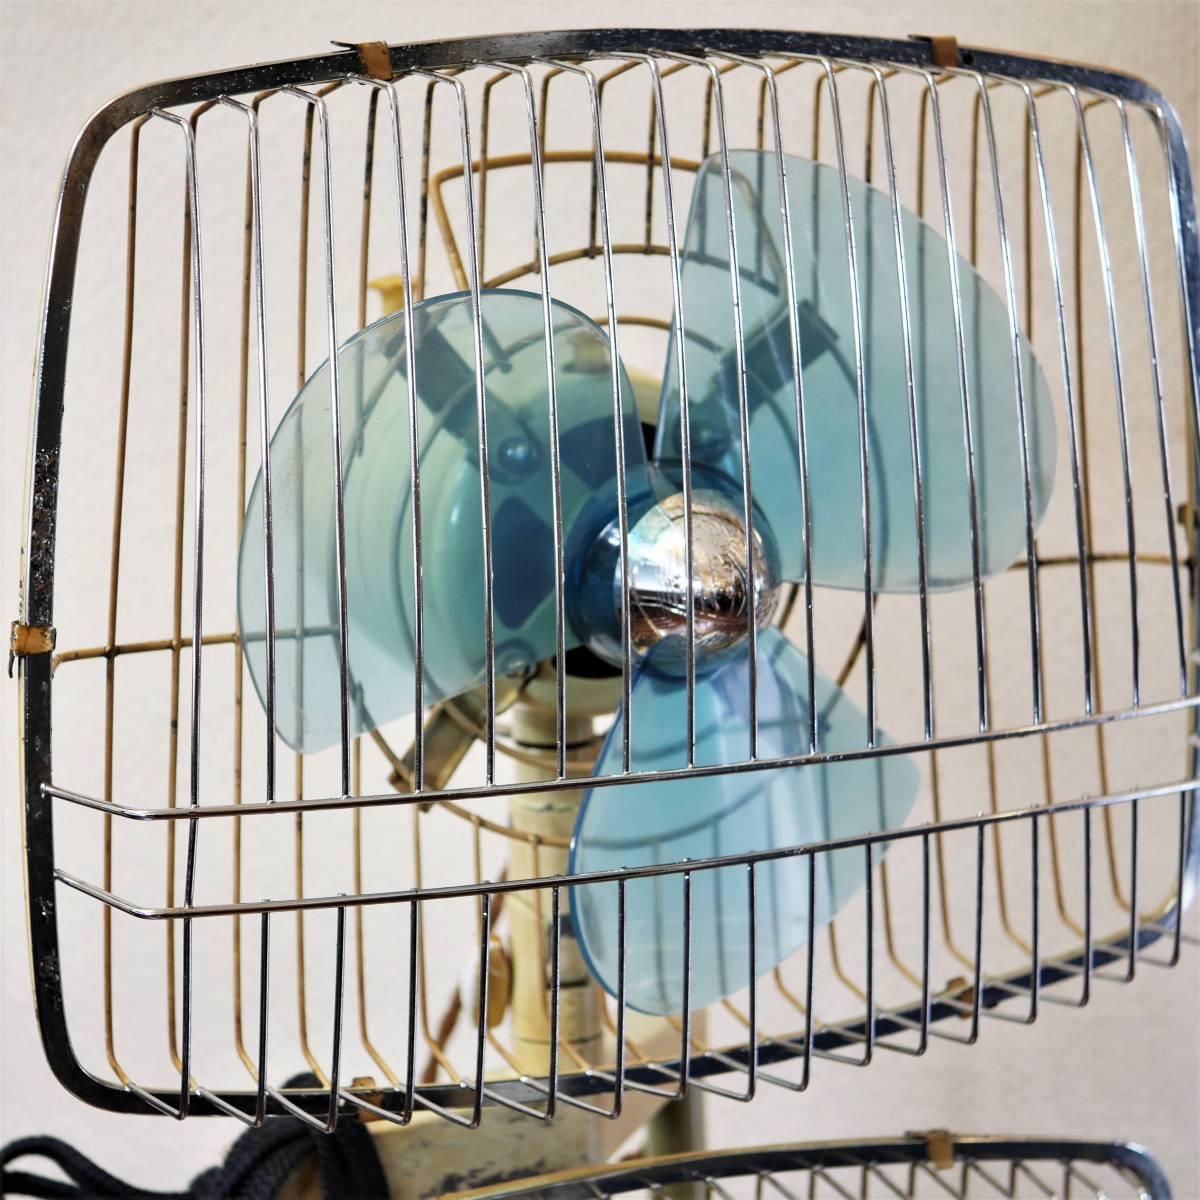 可動品!◆ FUJI 2連式 扇風機 希少 レトロ 当時物【Silent Pair】アンティーク_画像3